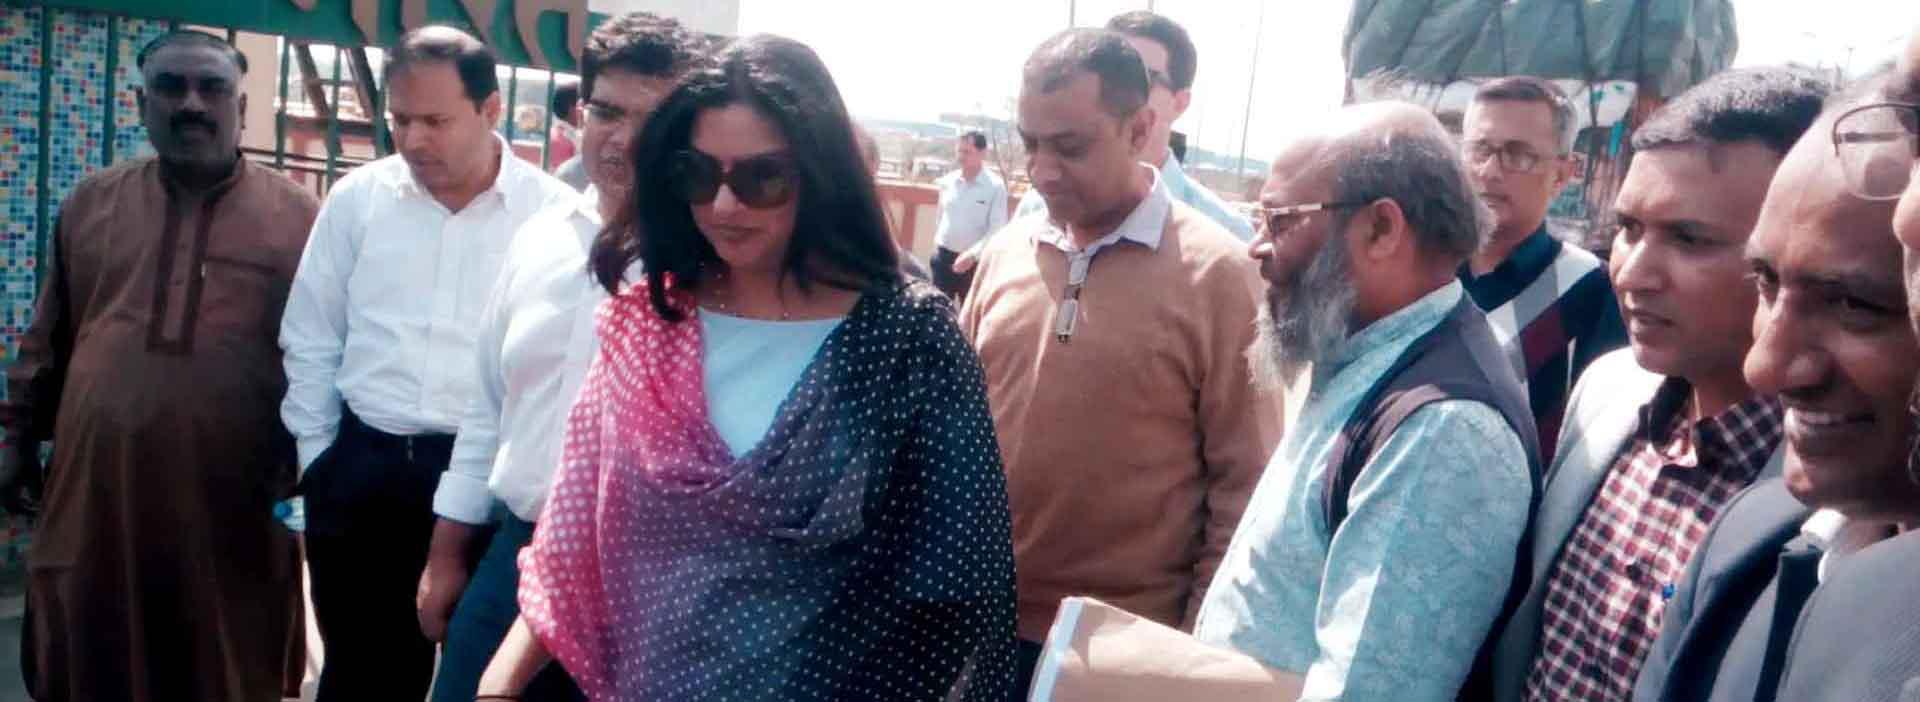 রোড এন্ড হাইওয়েসহ বিশ্ব ব্যাংকের প্রতিনিধিদলের বেনাপোল পরিদর্শন